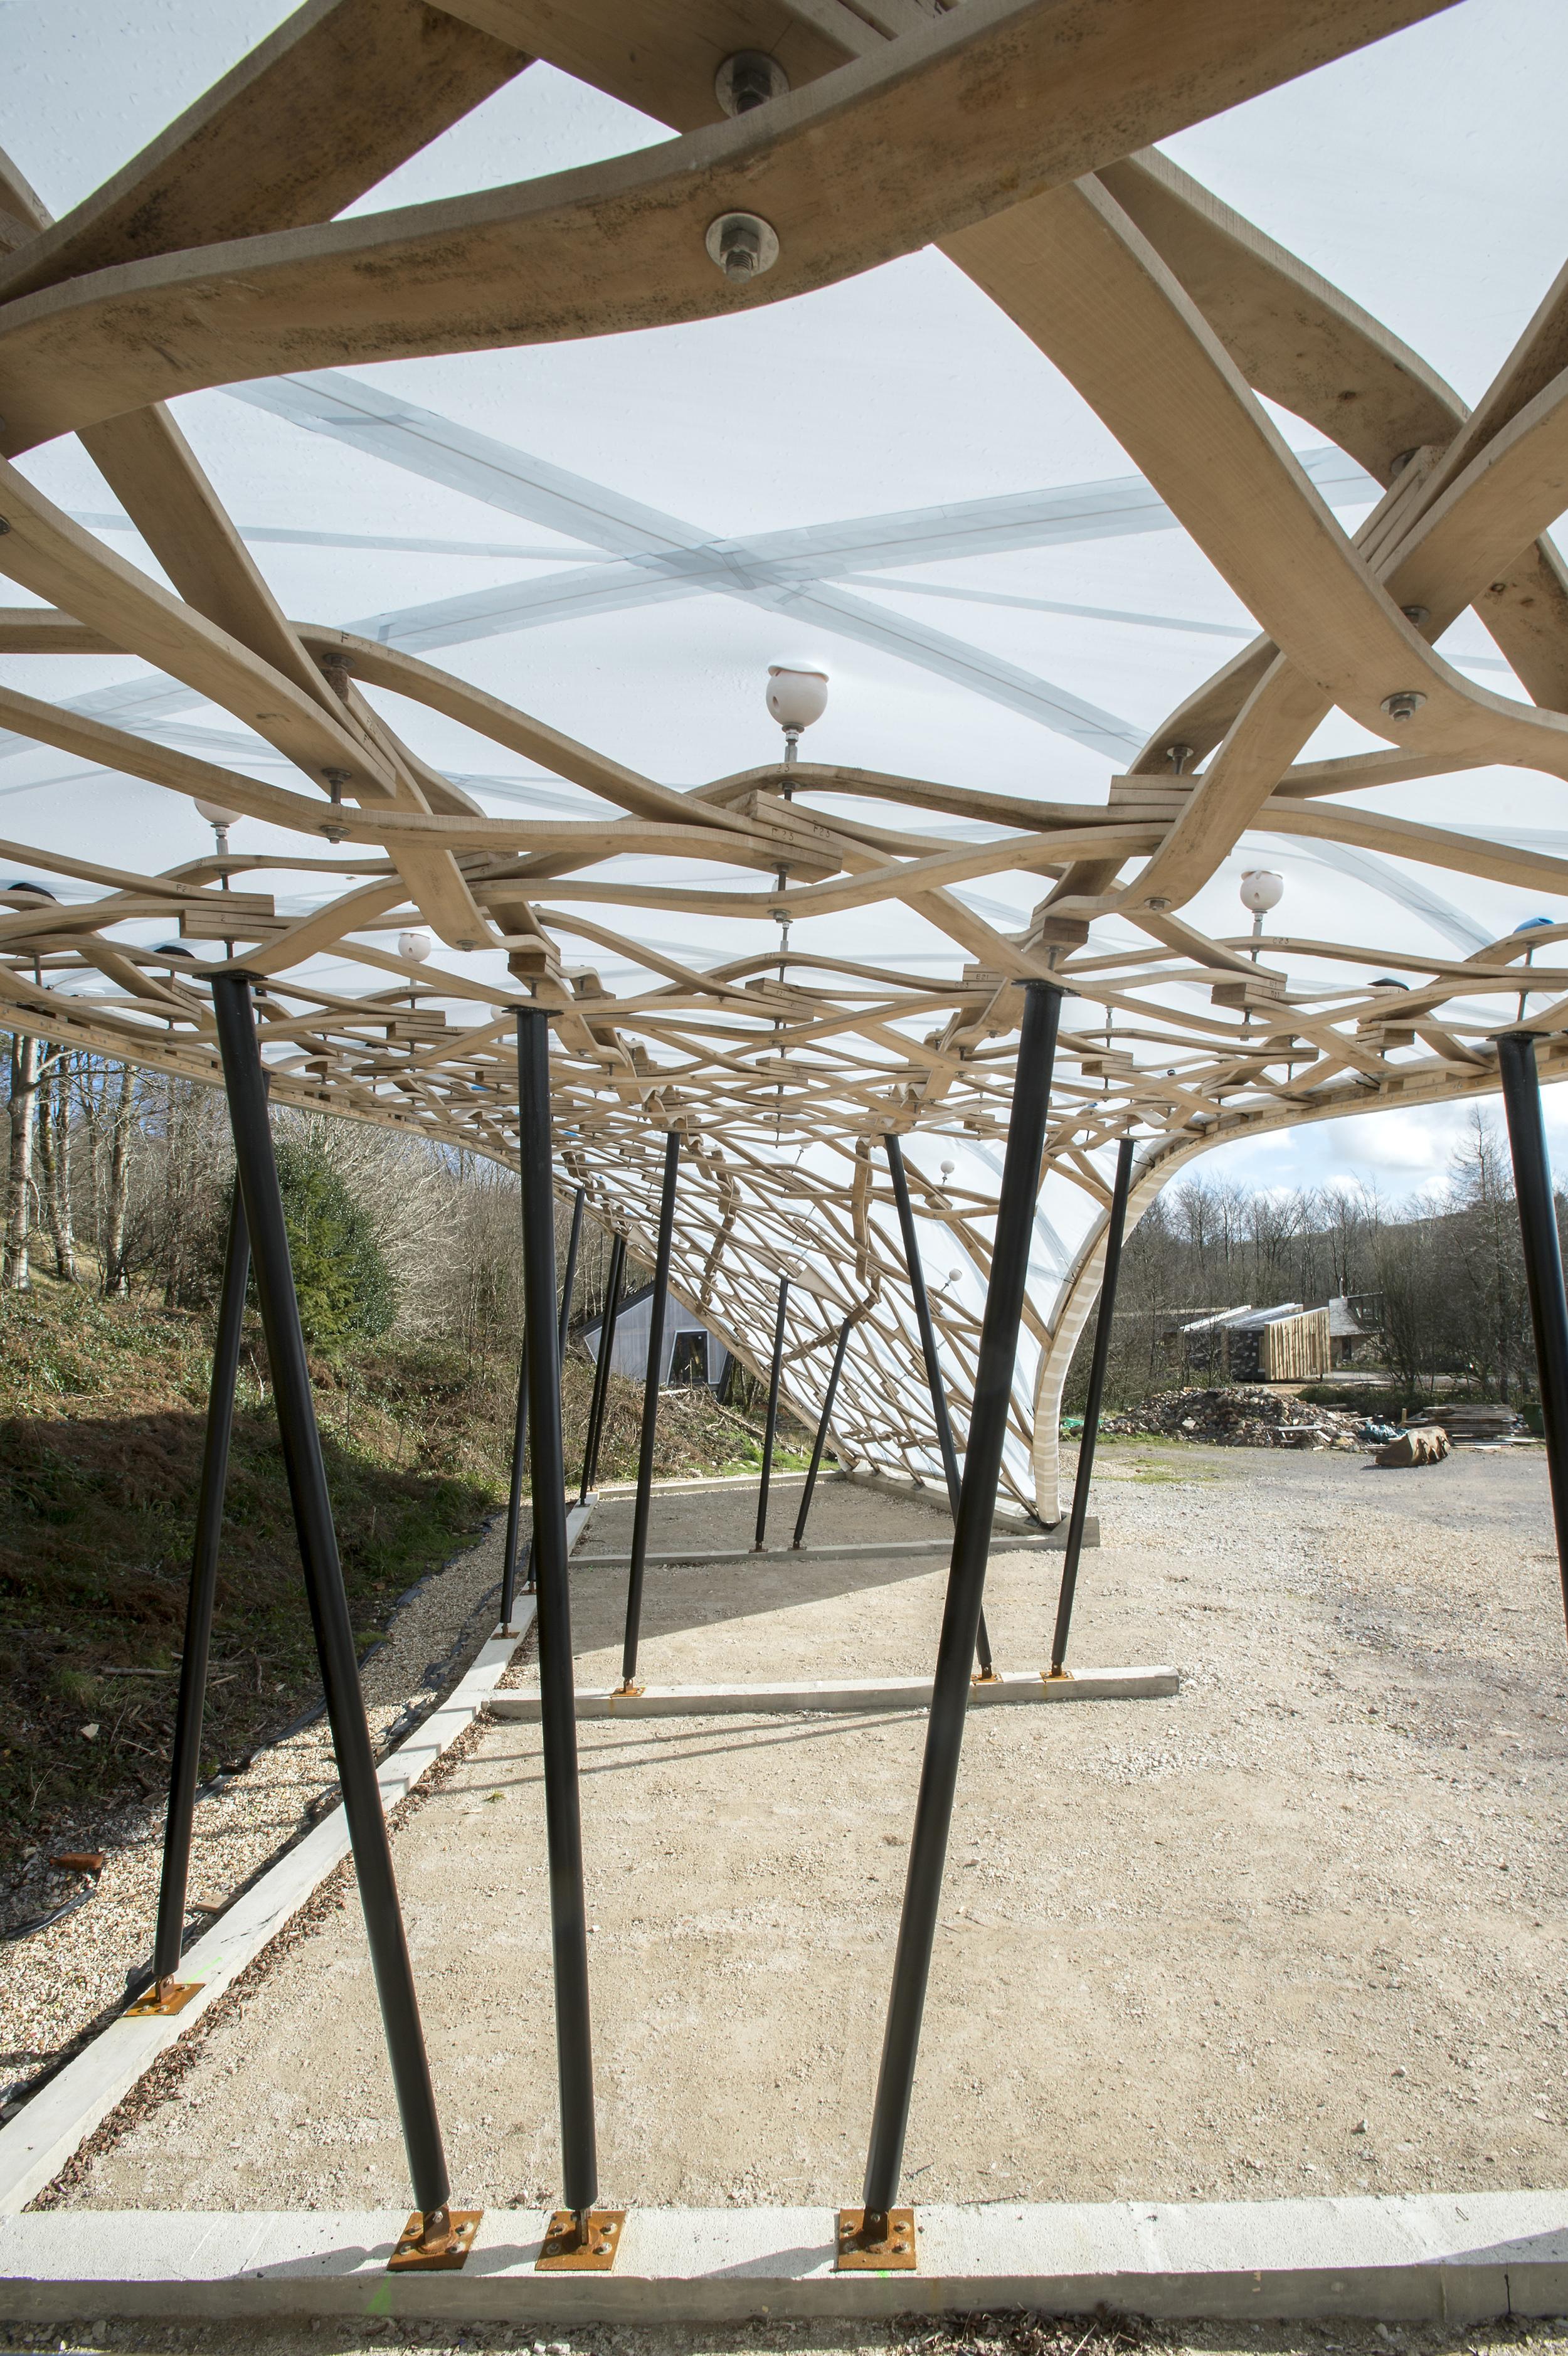 Hooke_Park_Design_&_Make_Timber_Seasoning_Shelter_©Valerie_Bennett_2014_02_22_0121.jpg